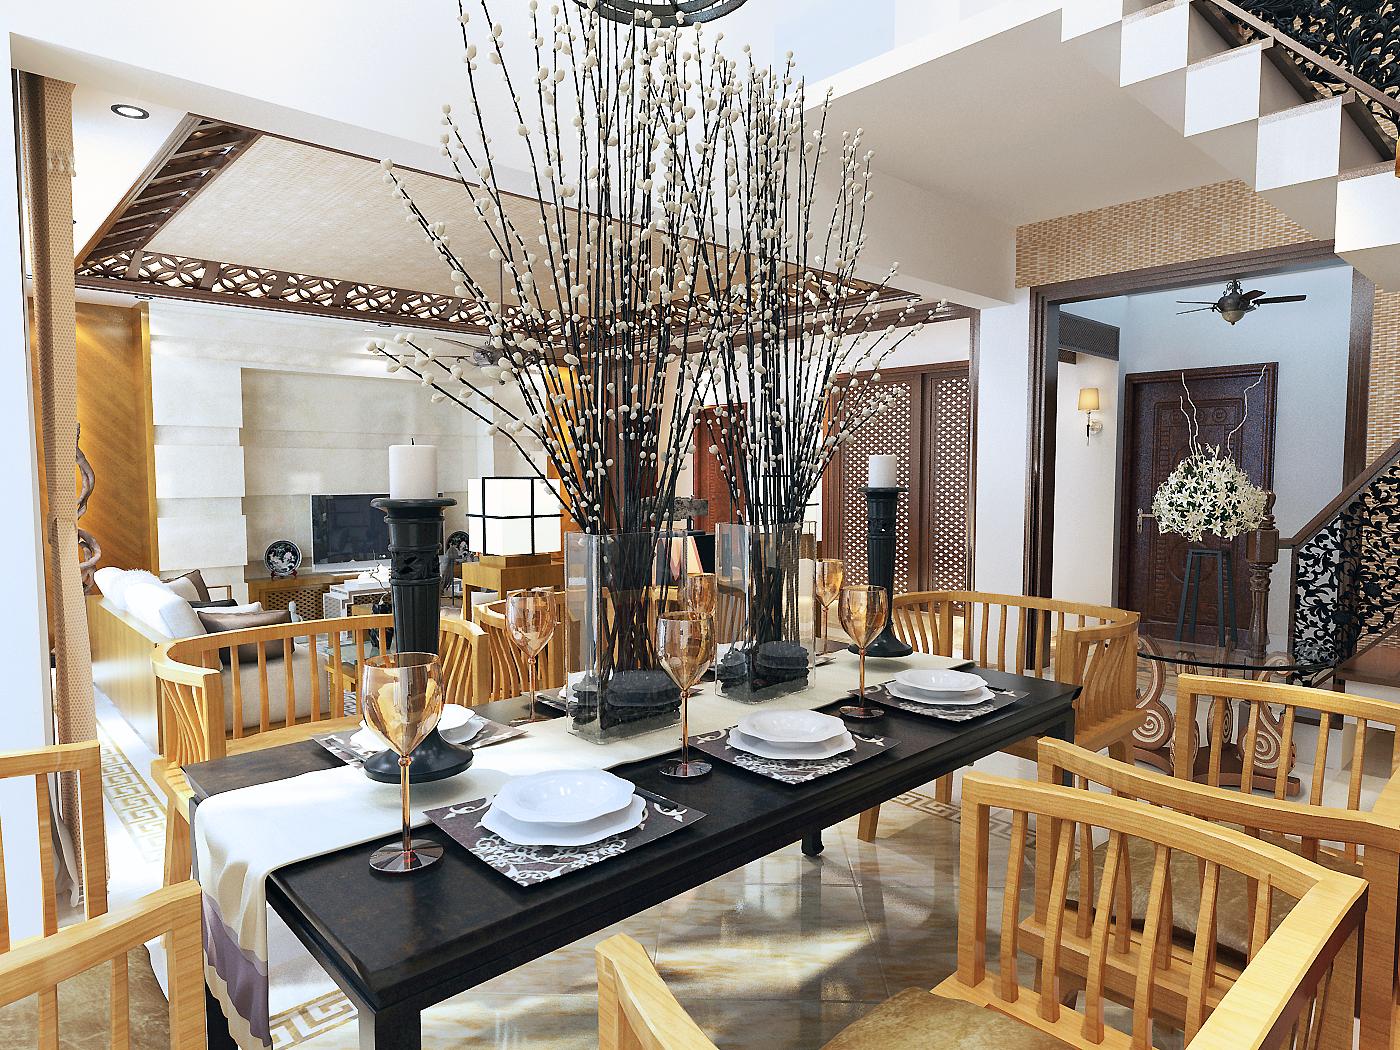 二居 中式 万科四季 客厅装修 沈阳装修 餐厅图片来自百家装饰小姜在万科四季花城-中式家居的分享